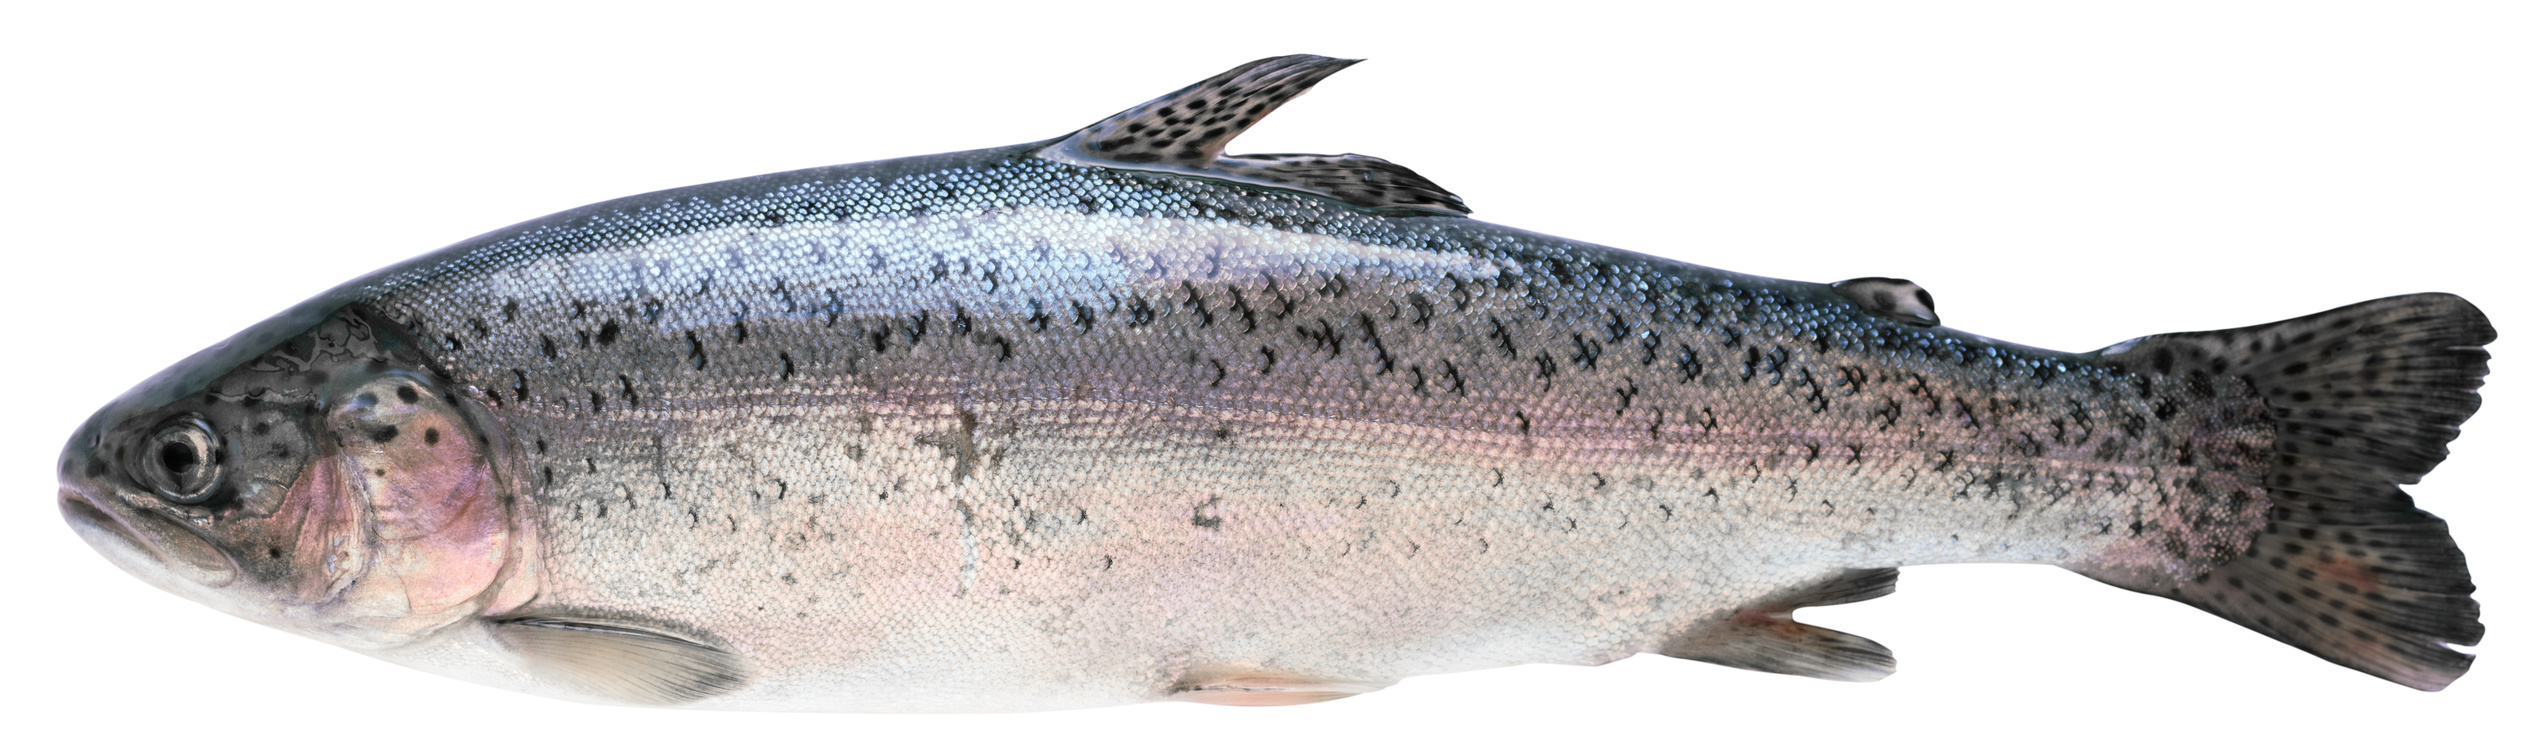 truite poisson nutrition recette santé